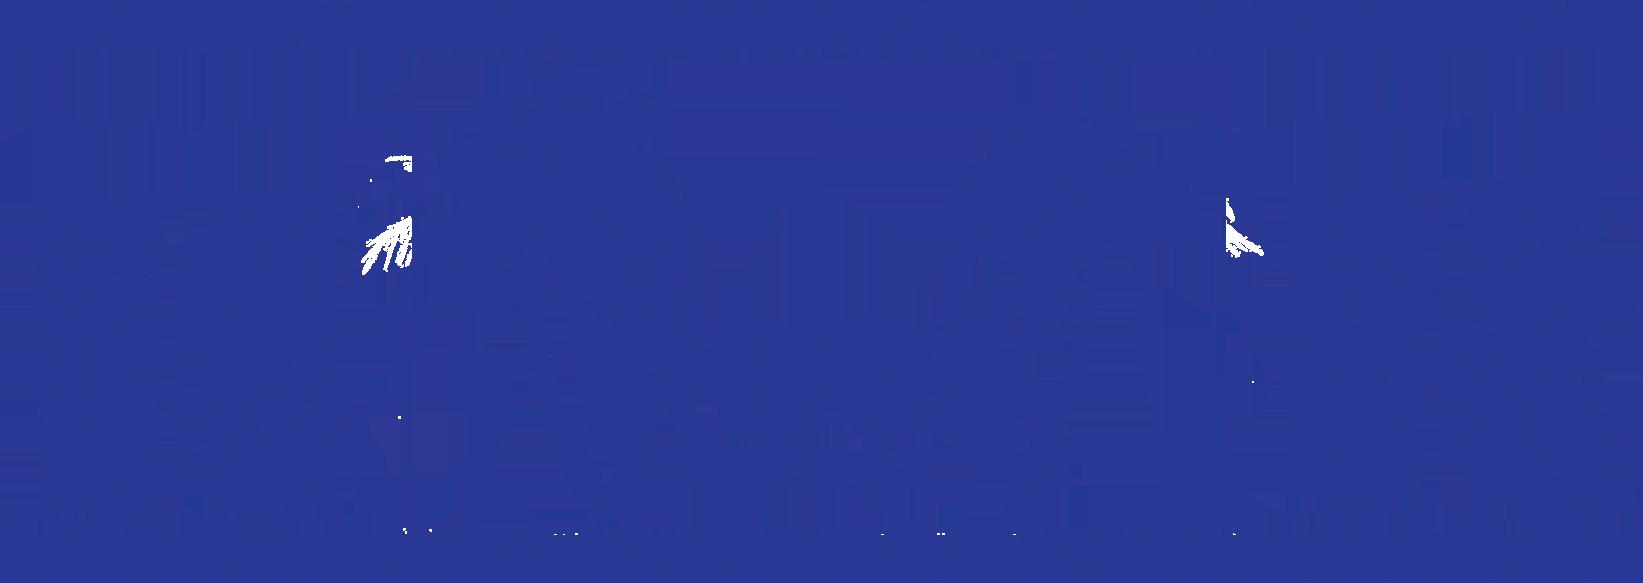 PoolSplashPage300dpi.png